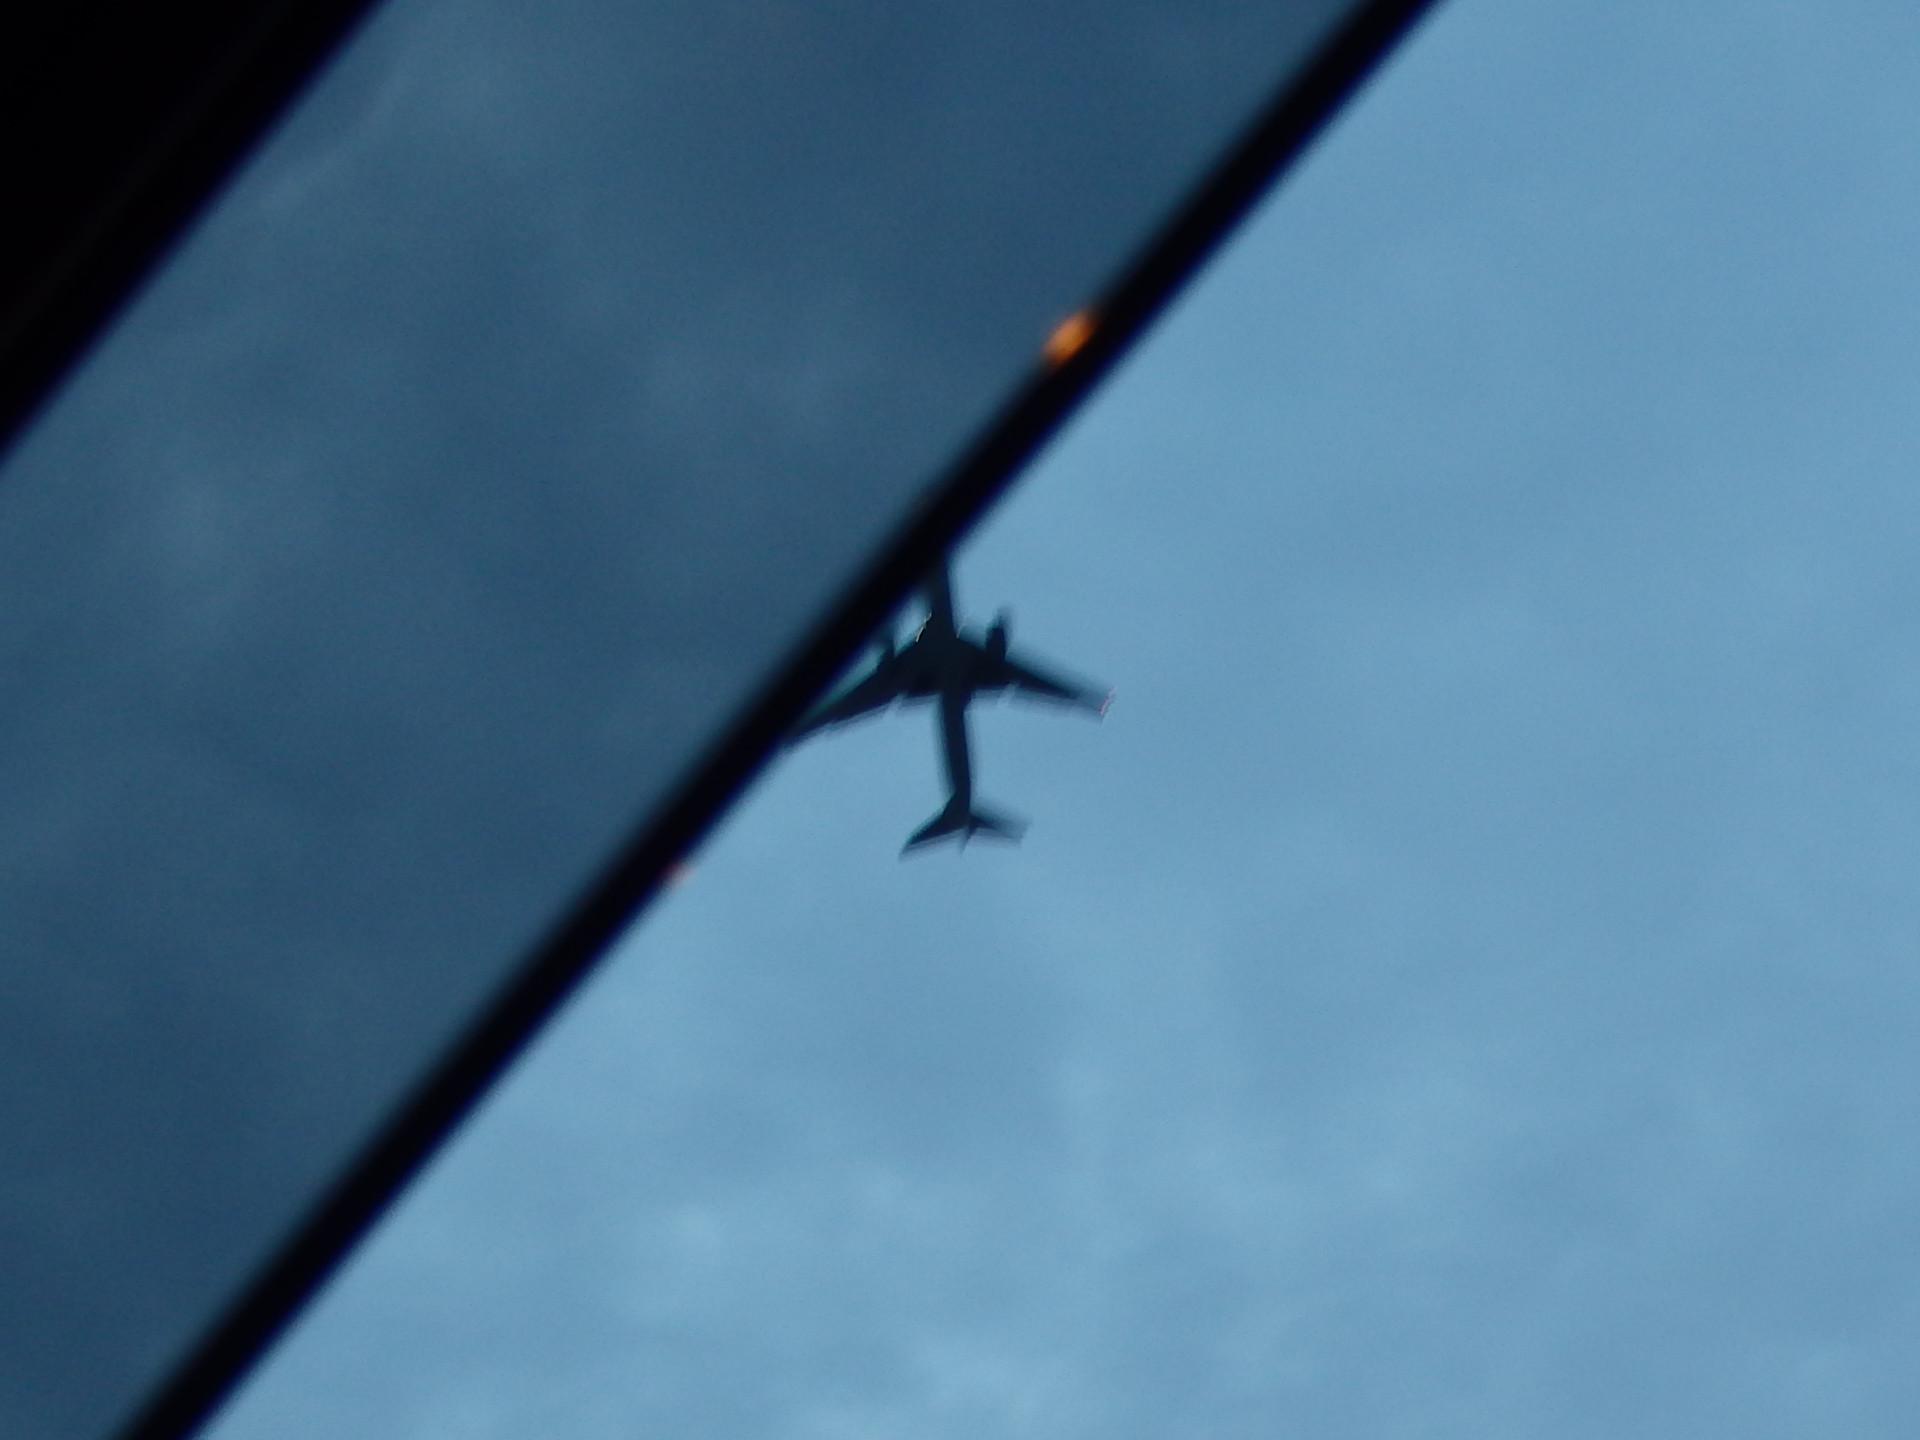 新大阪駅のど真ん中を通過して着陸態勢に入る航空機です。